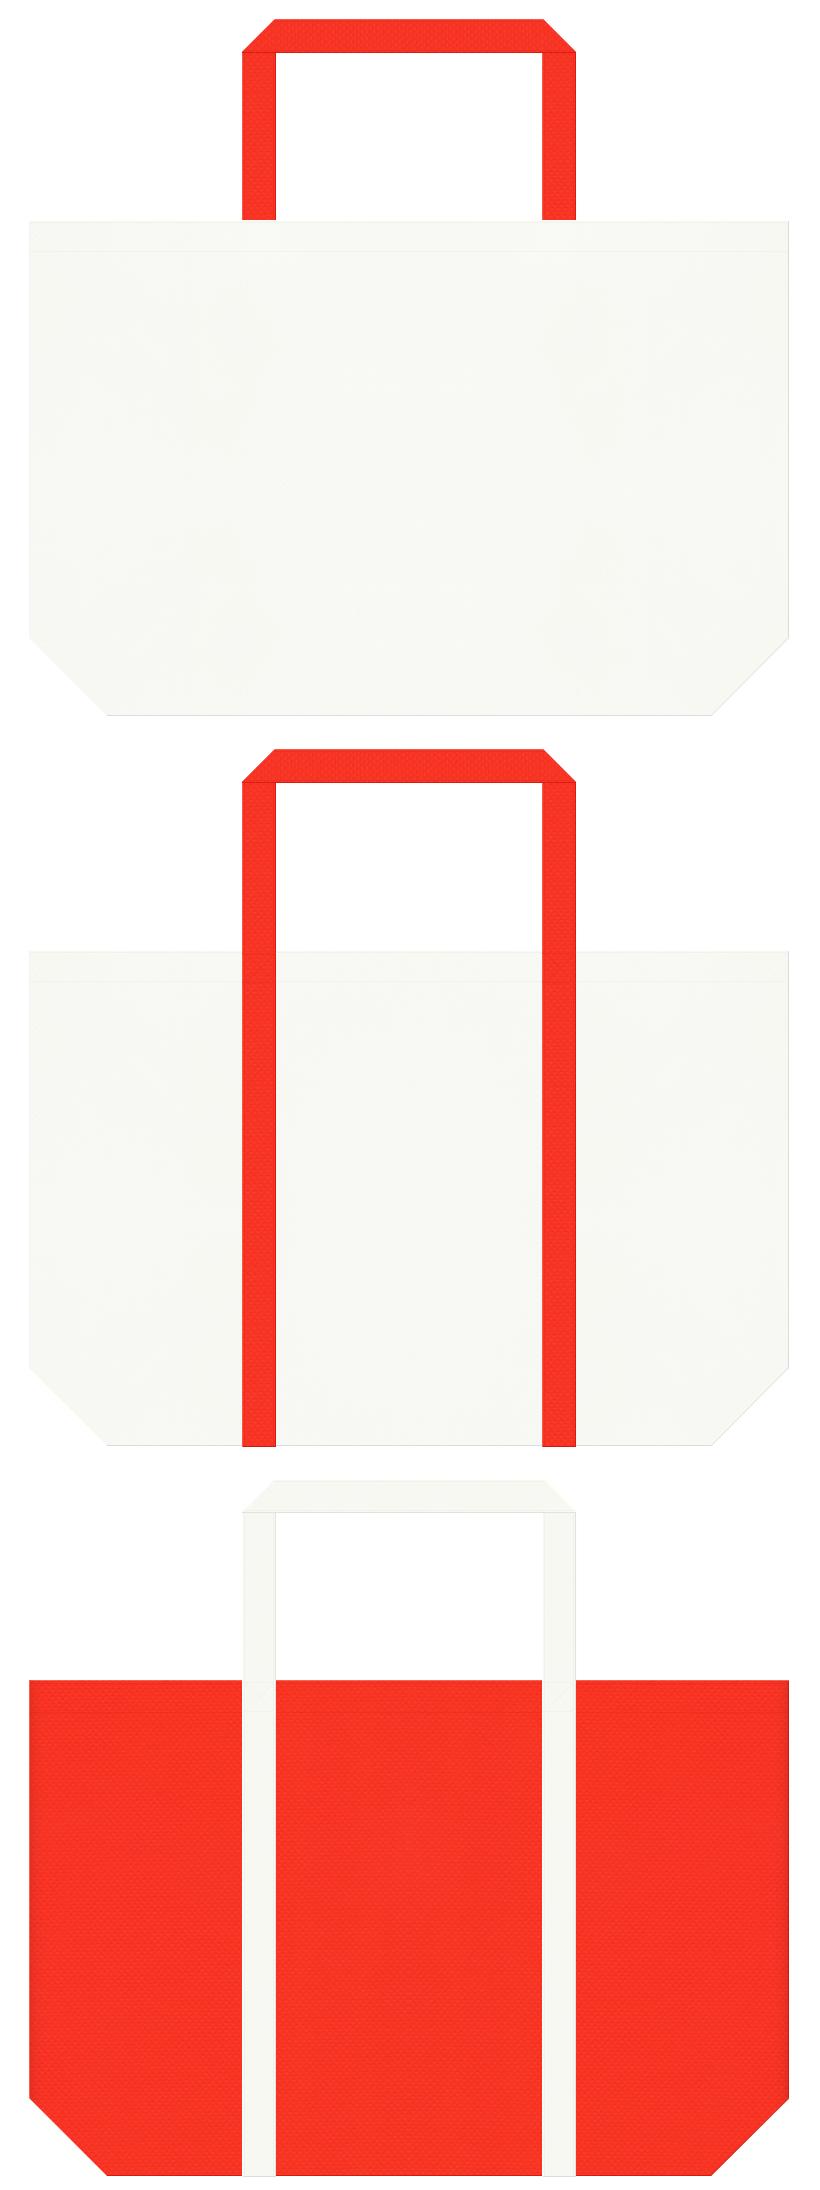 サプリメント・ビタミン・レシピ・クッキング・料理教室・キッチン・ランチバッグ・保冷バッグにお奨めの不織布バッグデザイン:オフホワイト色とオレンジ色のコーデ